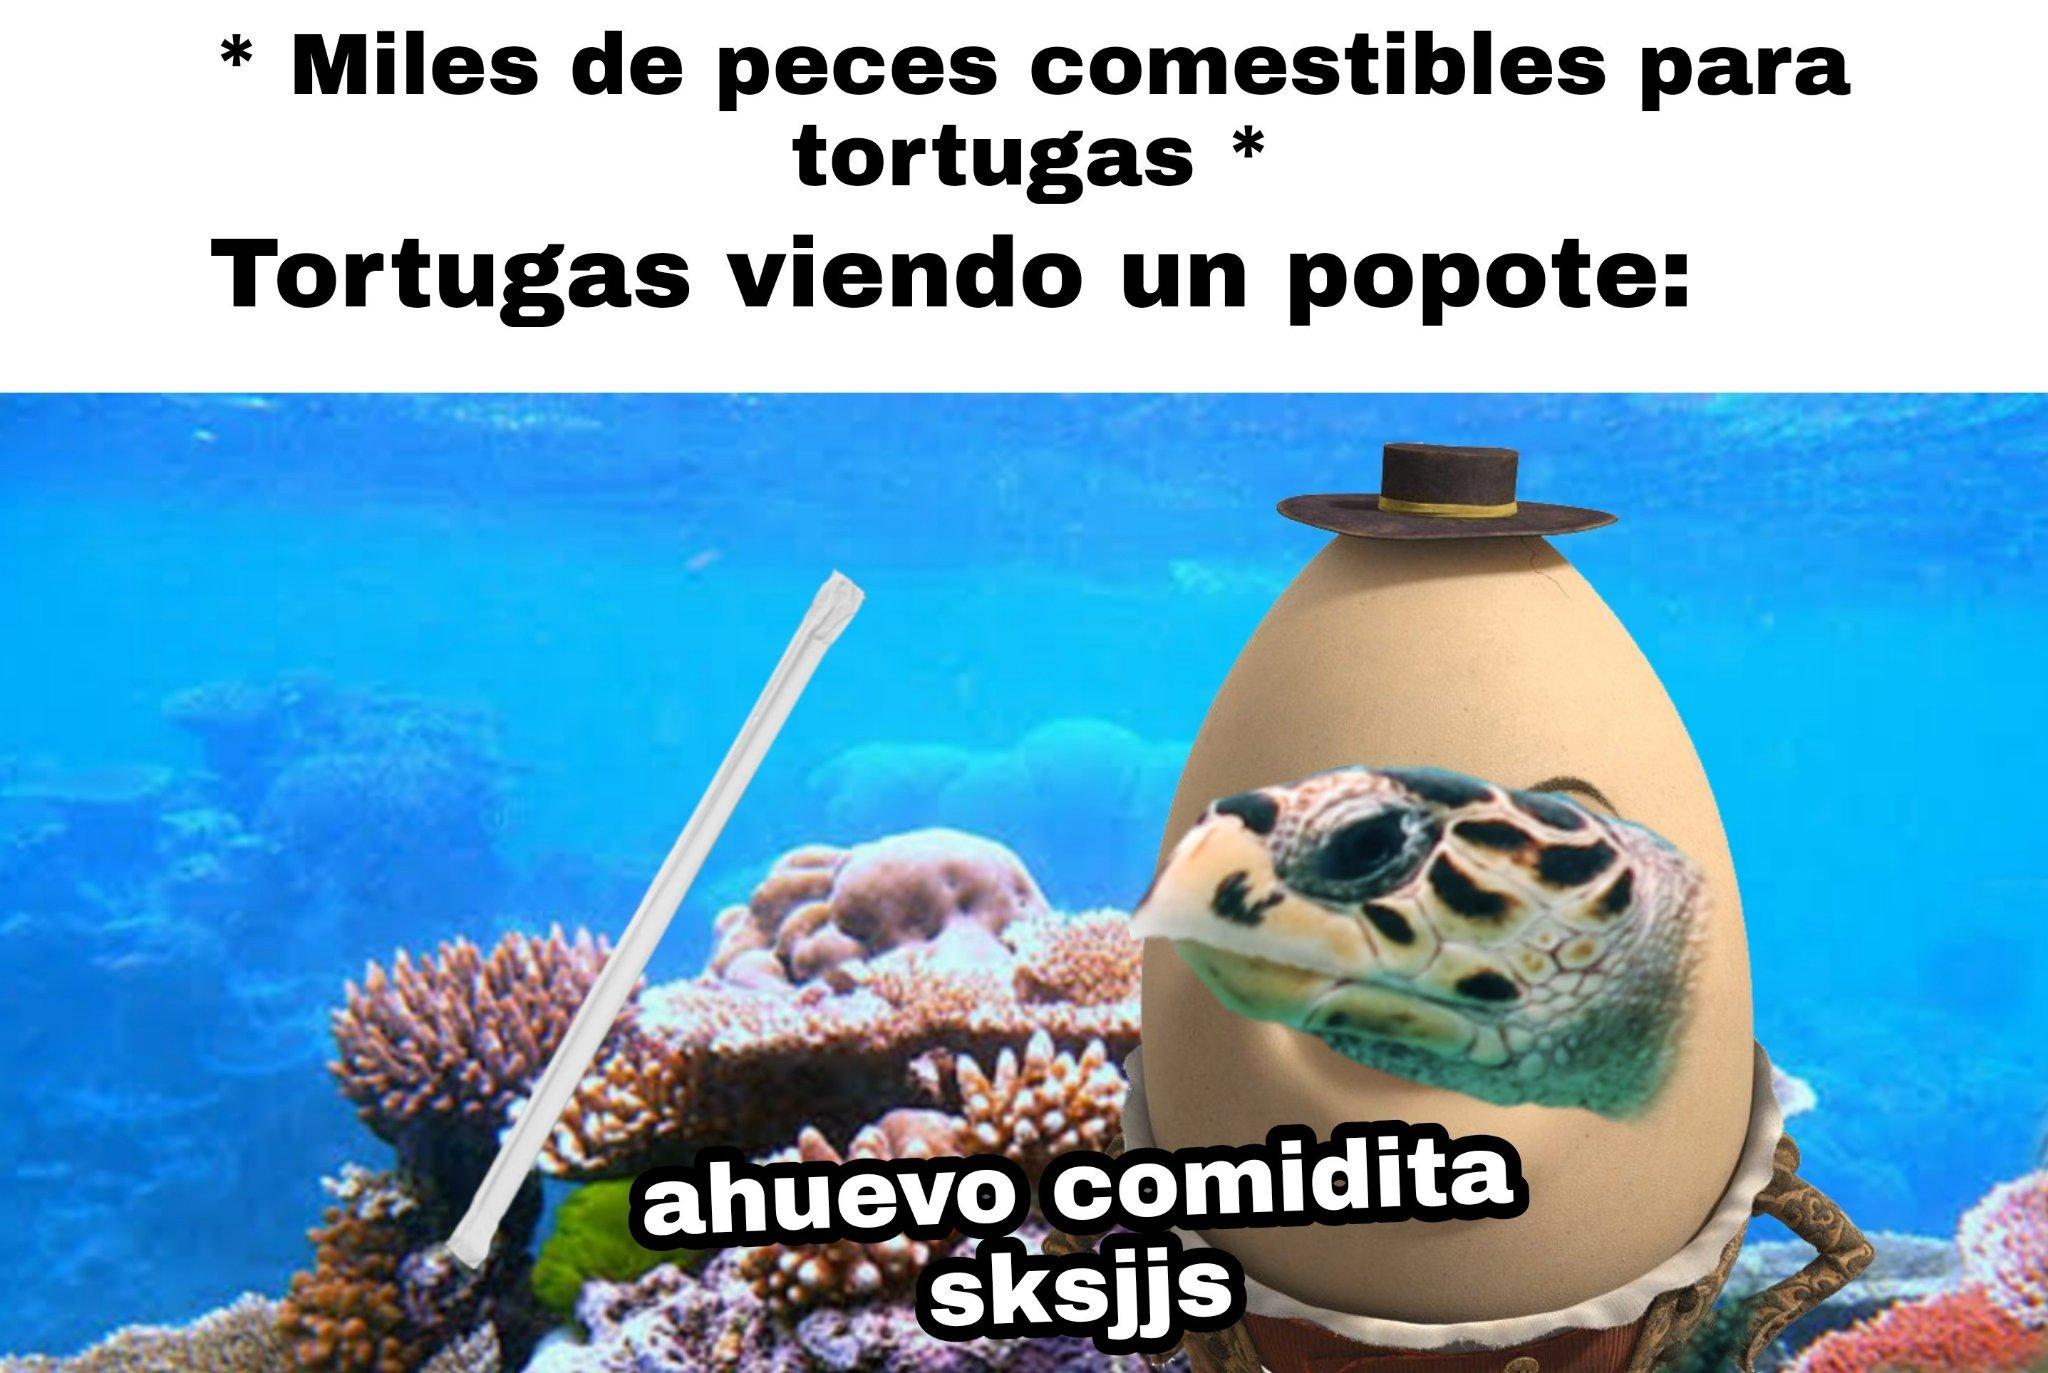 Memes ambientalistas :)